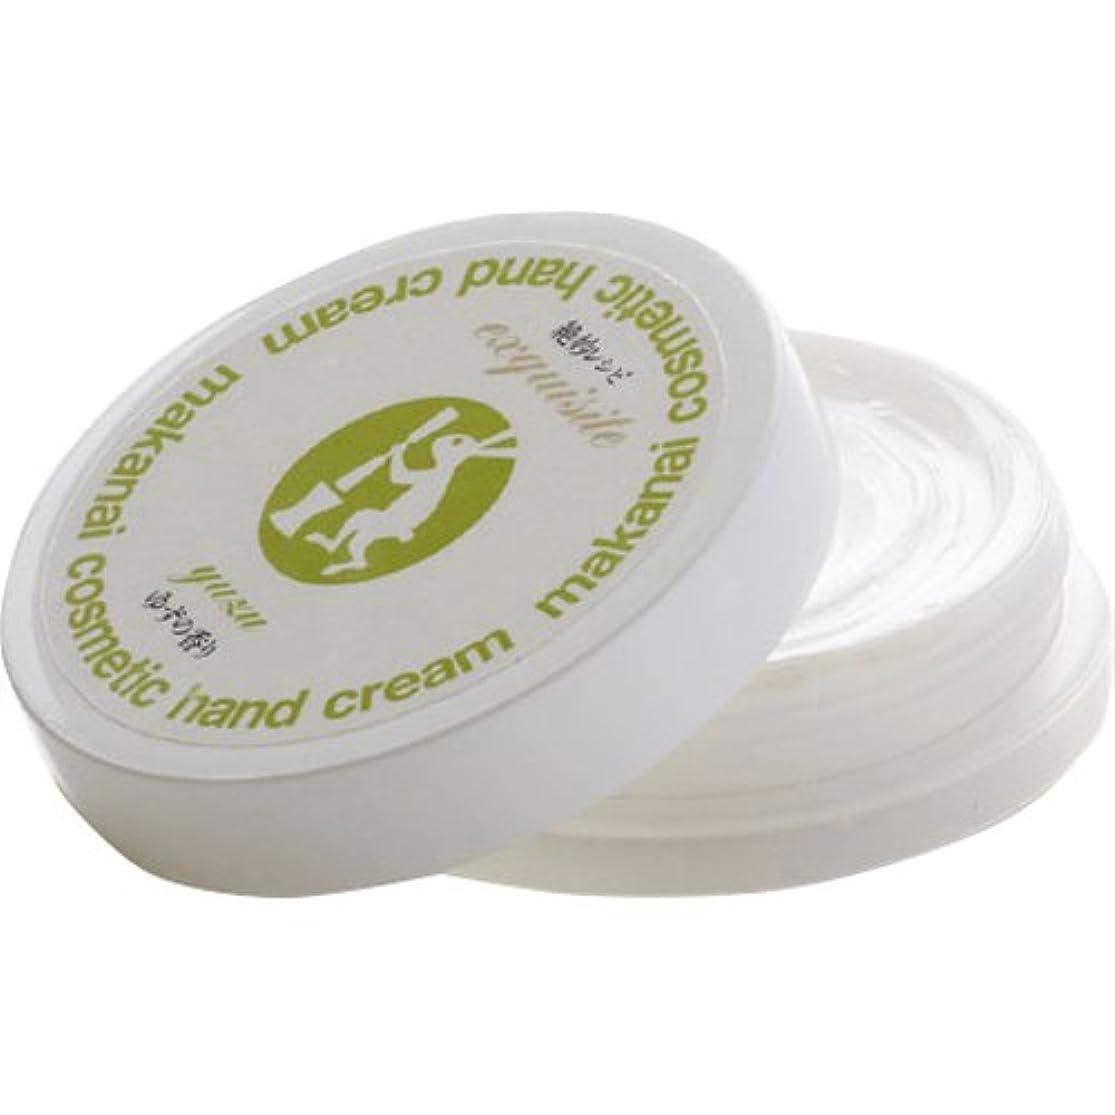 私たちレビュアー応用まかないこすめ 絶妙レシピのハンドクリーム ゆずの香り(ジャータイプ) 50g